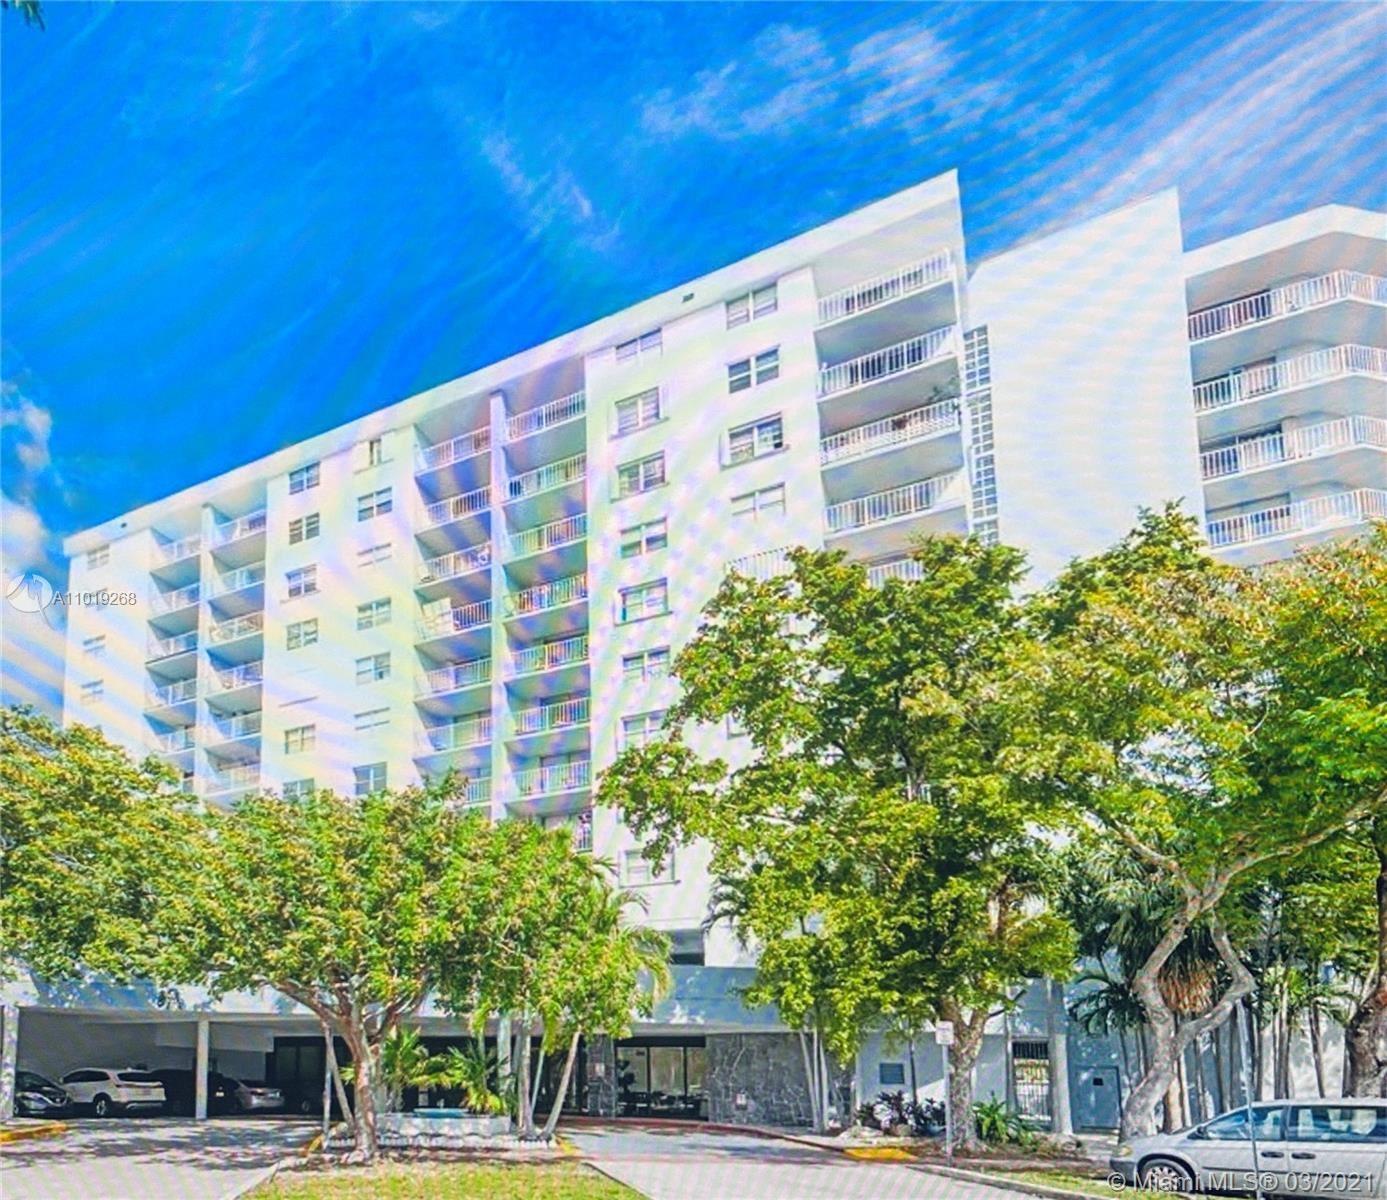 6900 Bay Dr #4G, Miami Beach, FL 33141 - #: A11019268